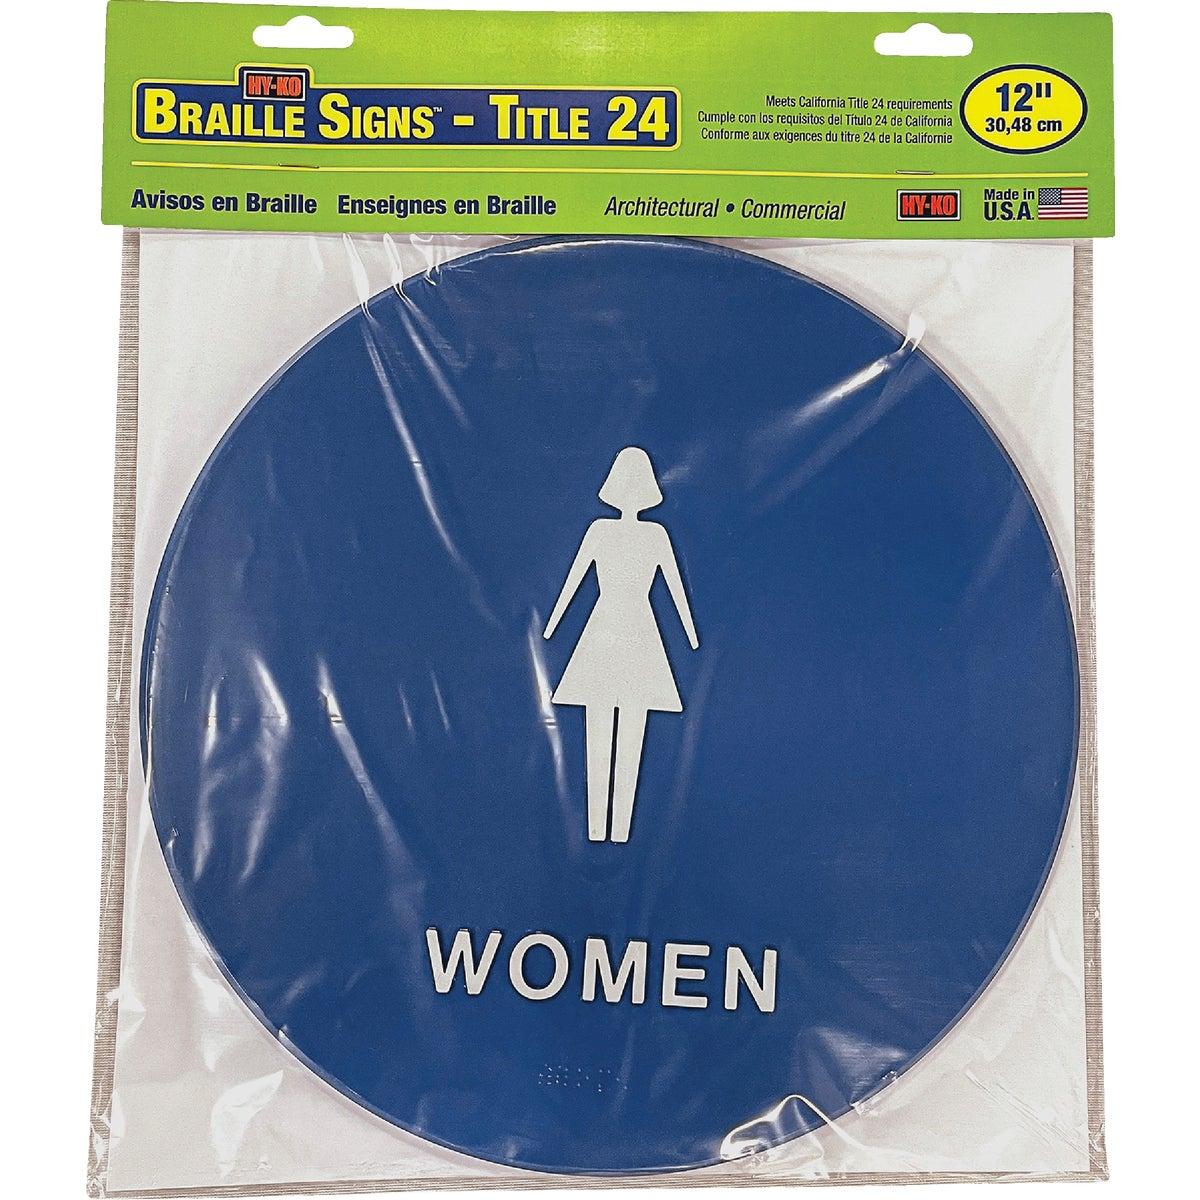 WOMEN BLUE ROUND SIGN